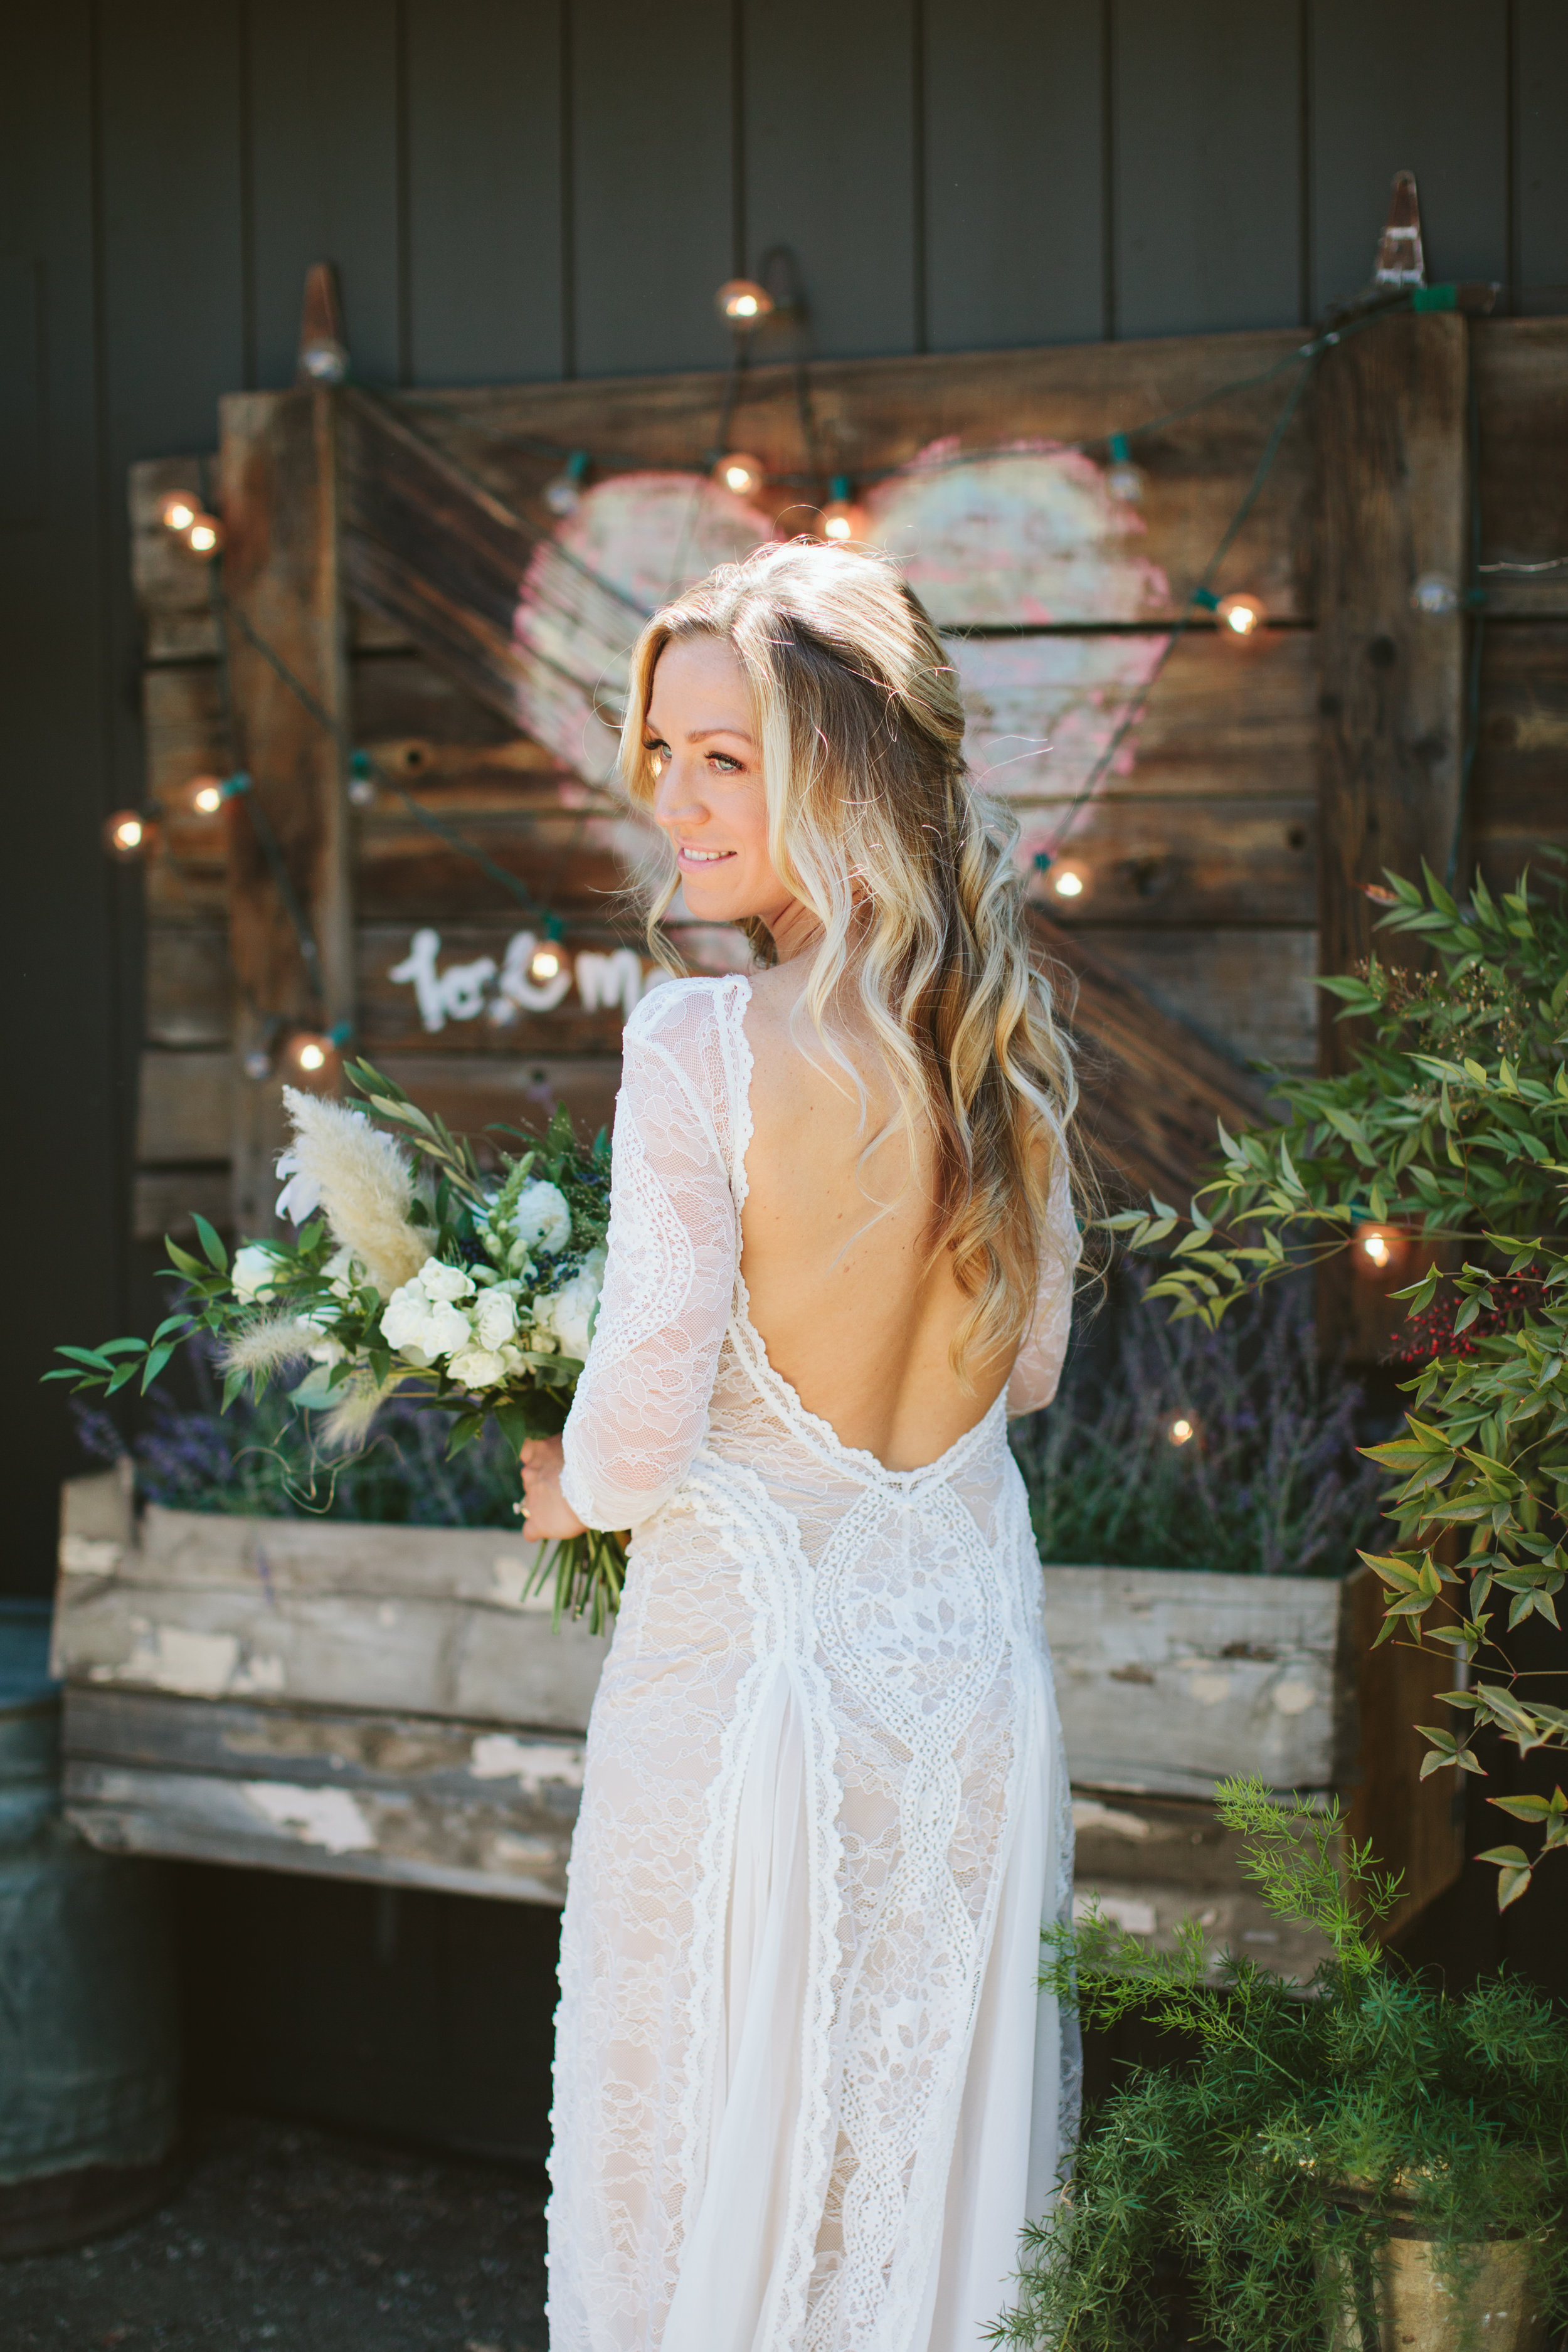 kateandgreg-married-219.jpg